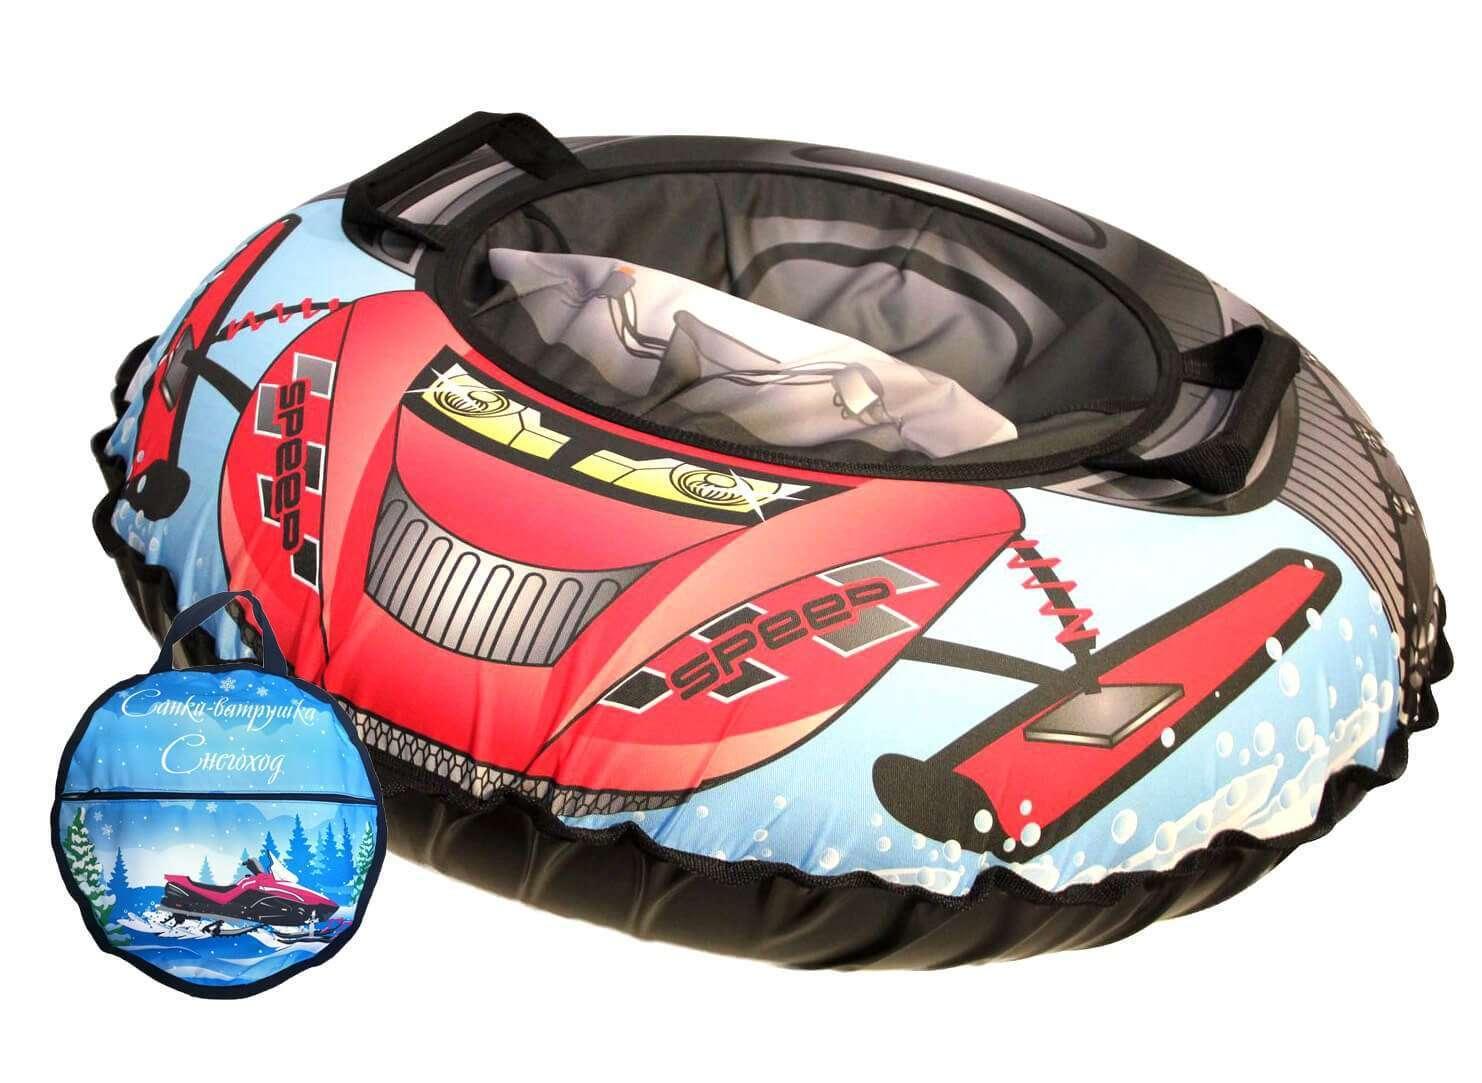 Купить Санки надувные Ватрушка Снегоход с чехлом